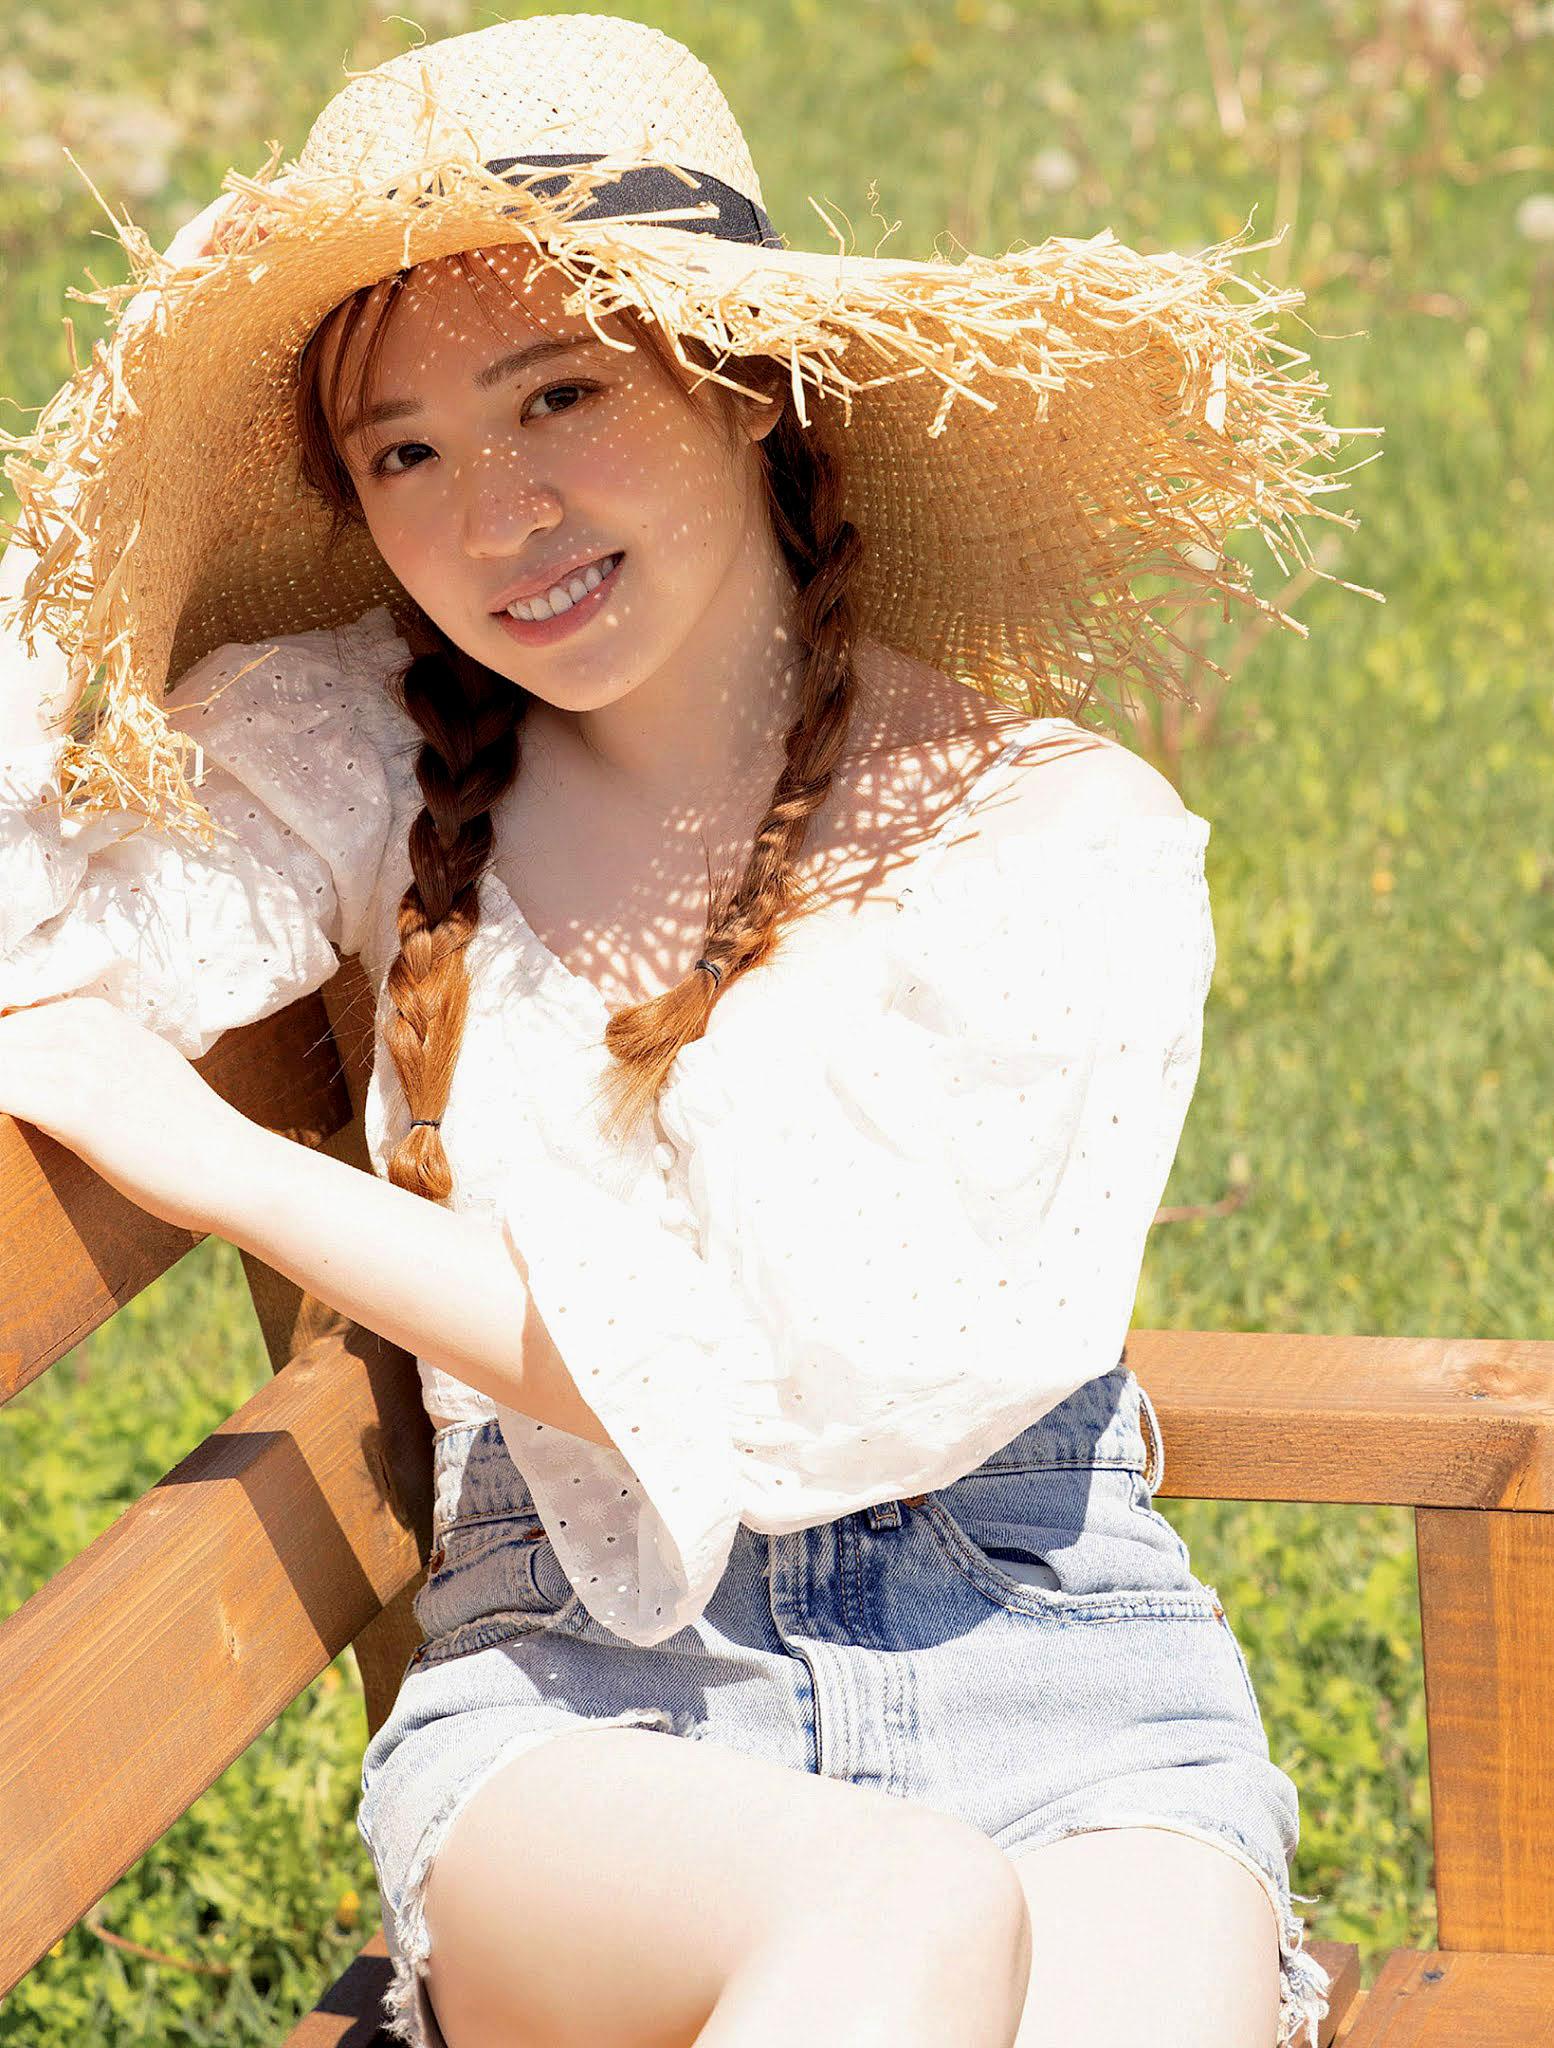 Miria Watanabe N46 Flash 210831 04.jpg